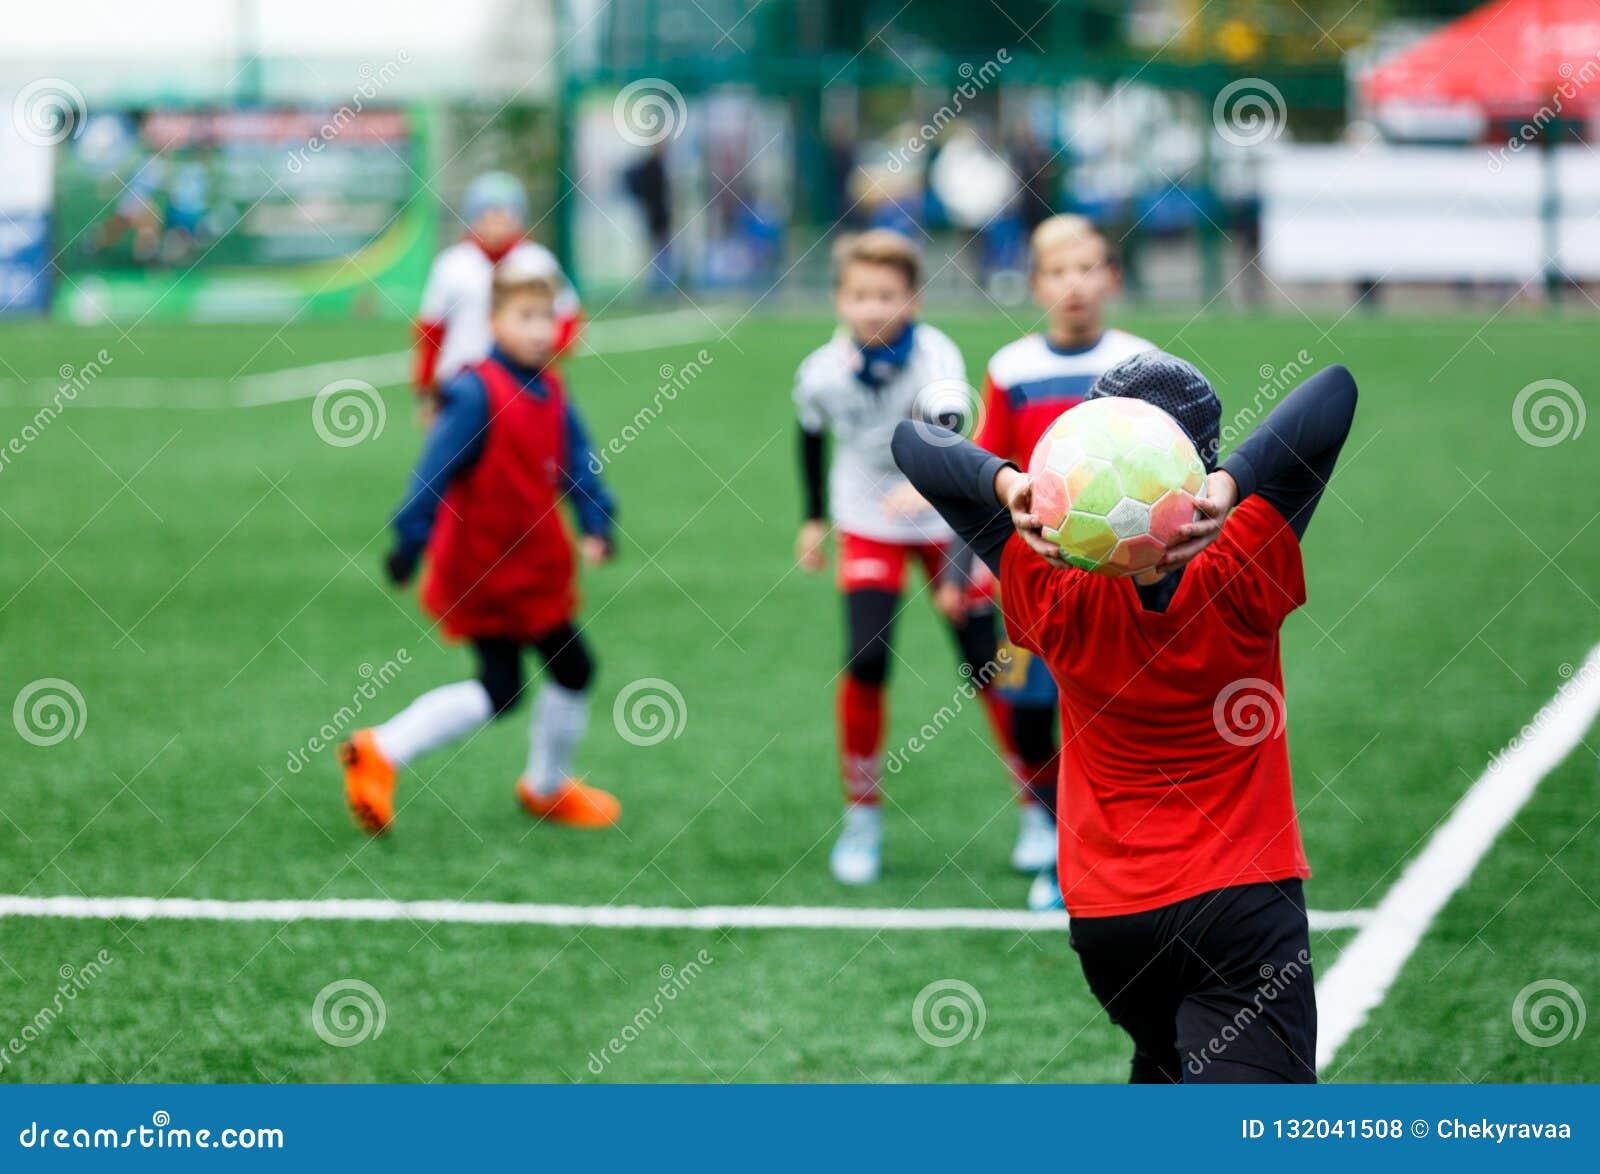 Ομάδες ποδοσφαίρου - αγόρια στο κόκκινο, μπλε, άσπρο ομοιόμορφο ποδόσφαιρο παιχνιδιού στον πράσινο τομέα ροή αγοριών δεξιότητες ρ